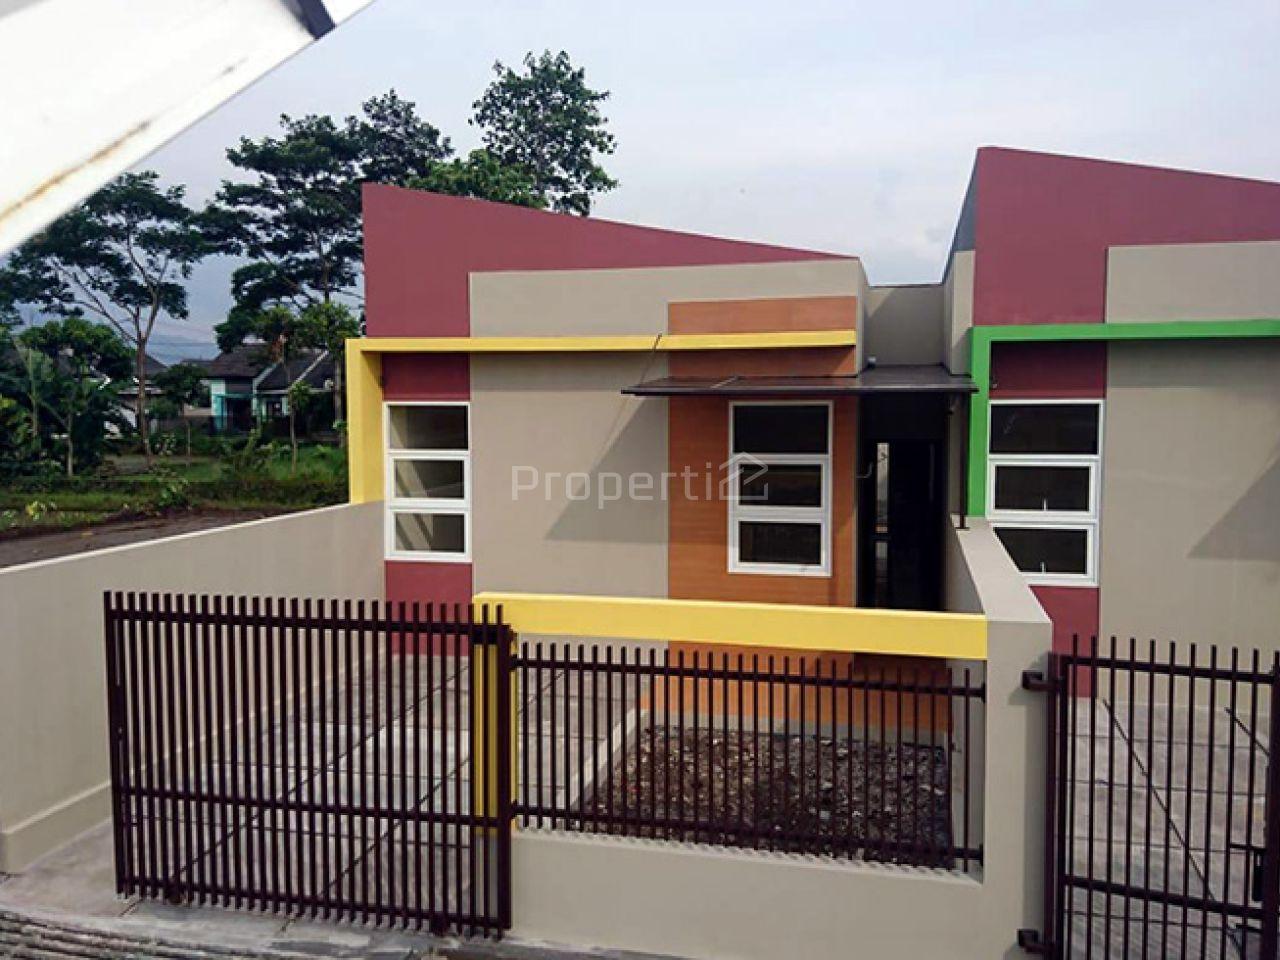 Rumah Baru Cisaranten Unit 3 di Sekitar Arcamanik, Jawa Barat